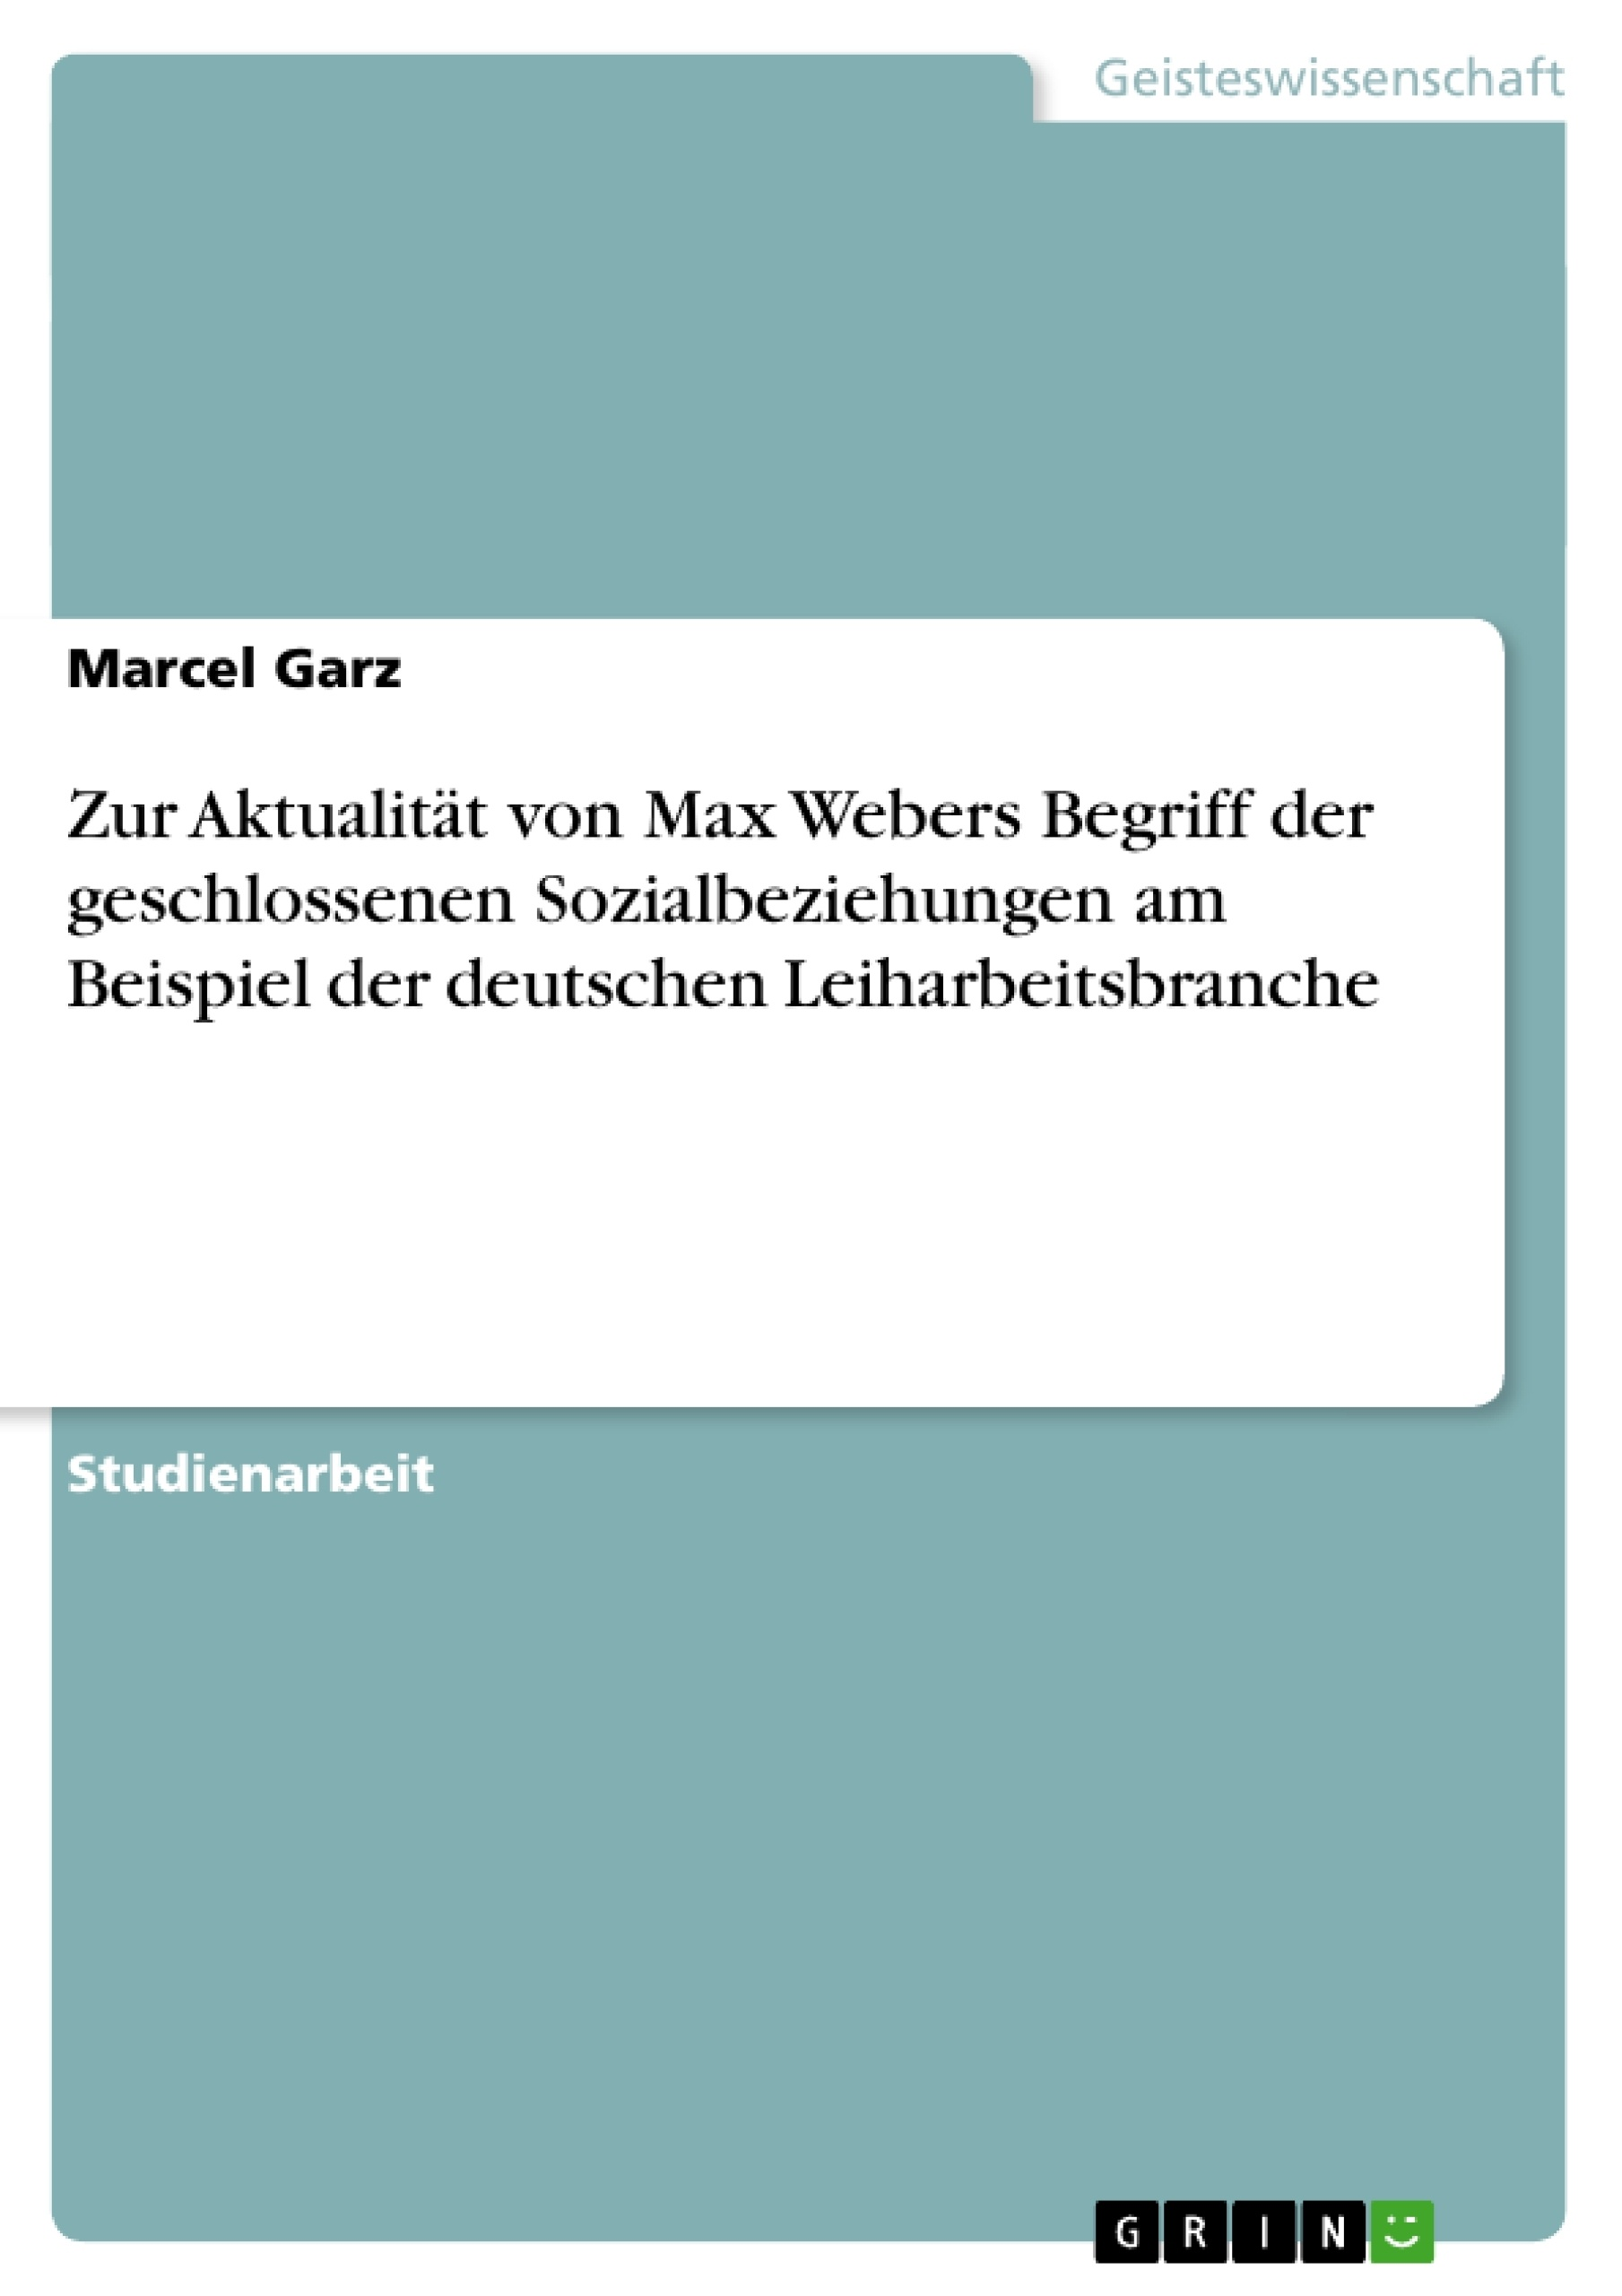 Titel: Zur Aktualität von Max Webers Begriff der geschlossenen Sozialbeziehungen am Beispiel der deutschen Leiharbeitsbranche